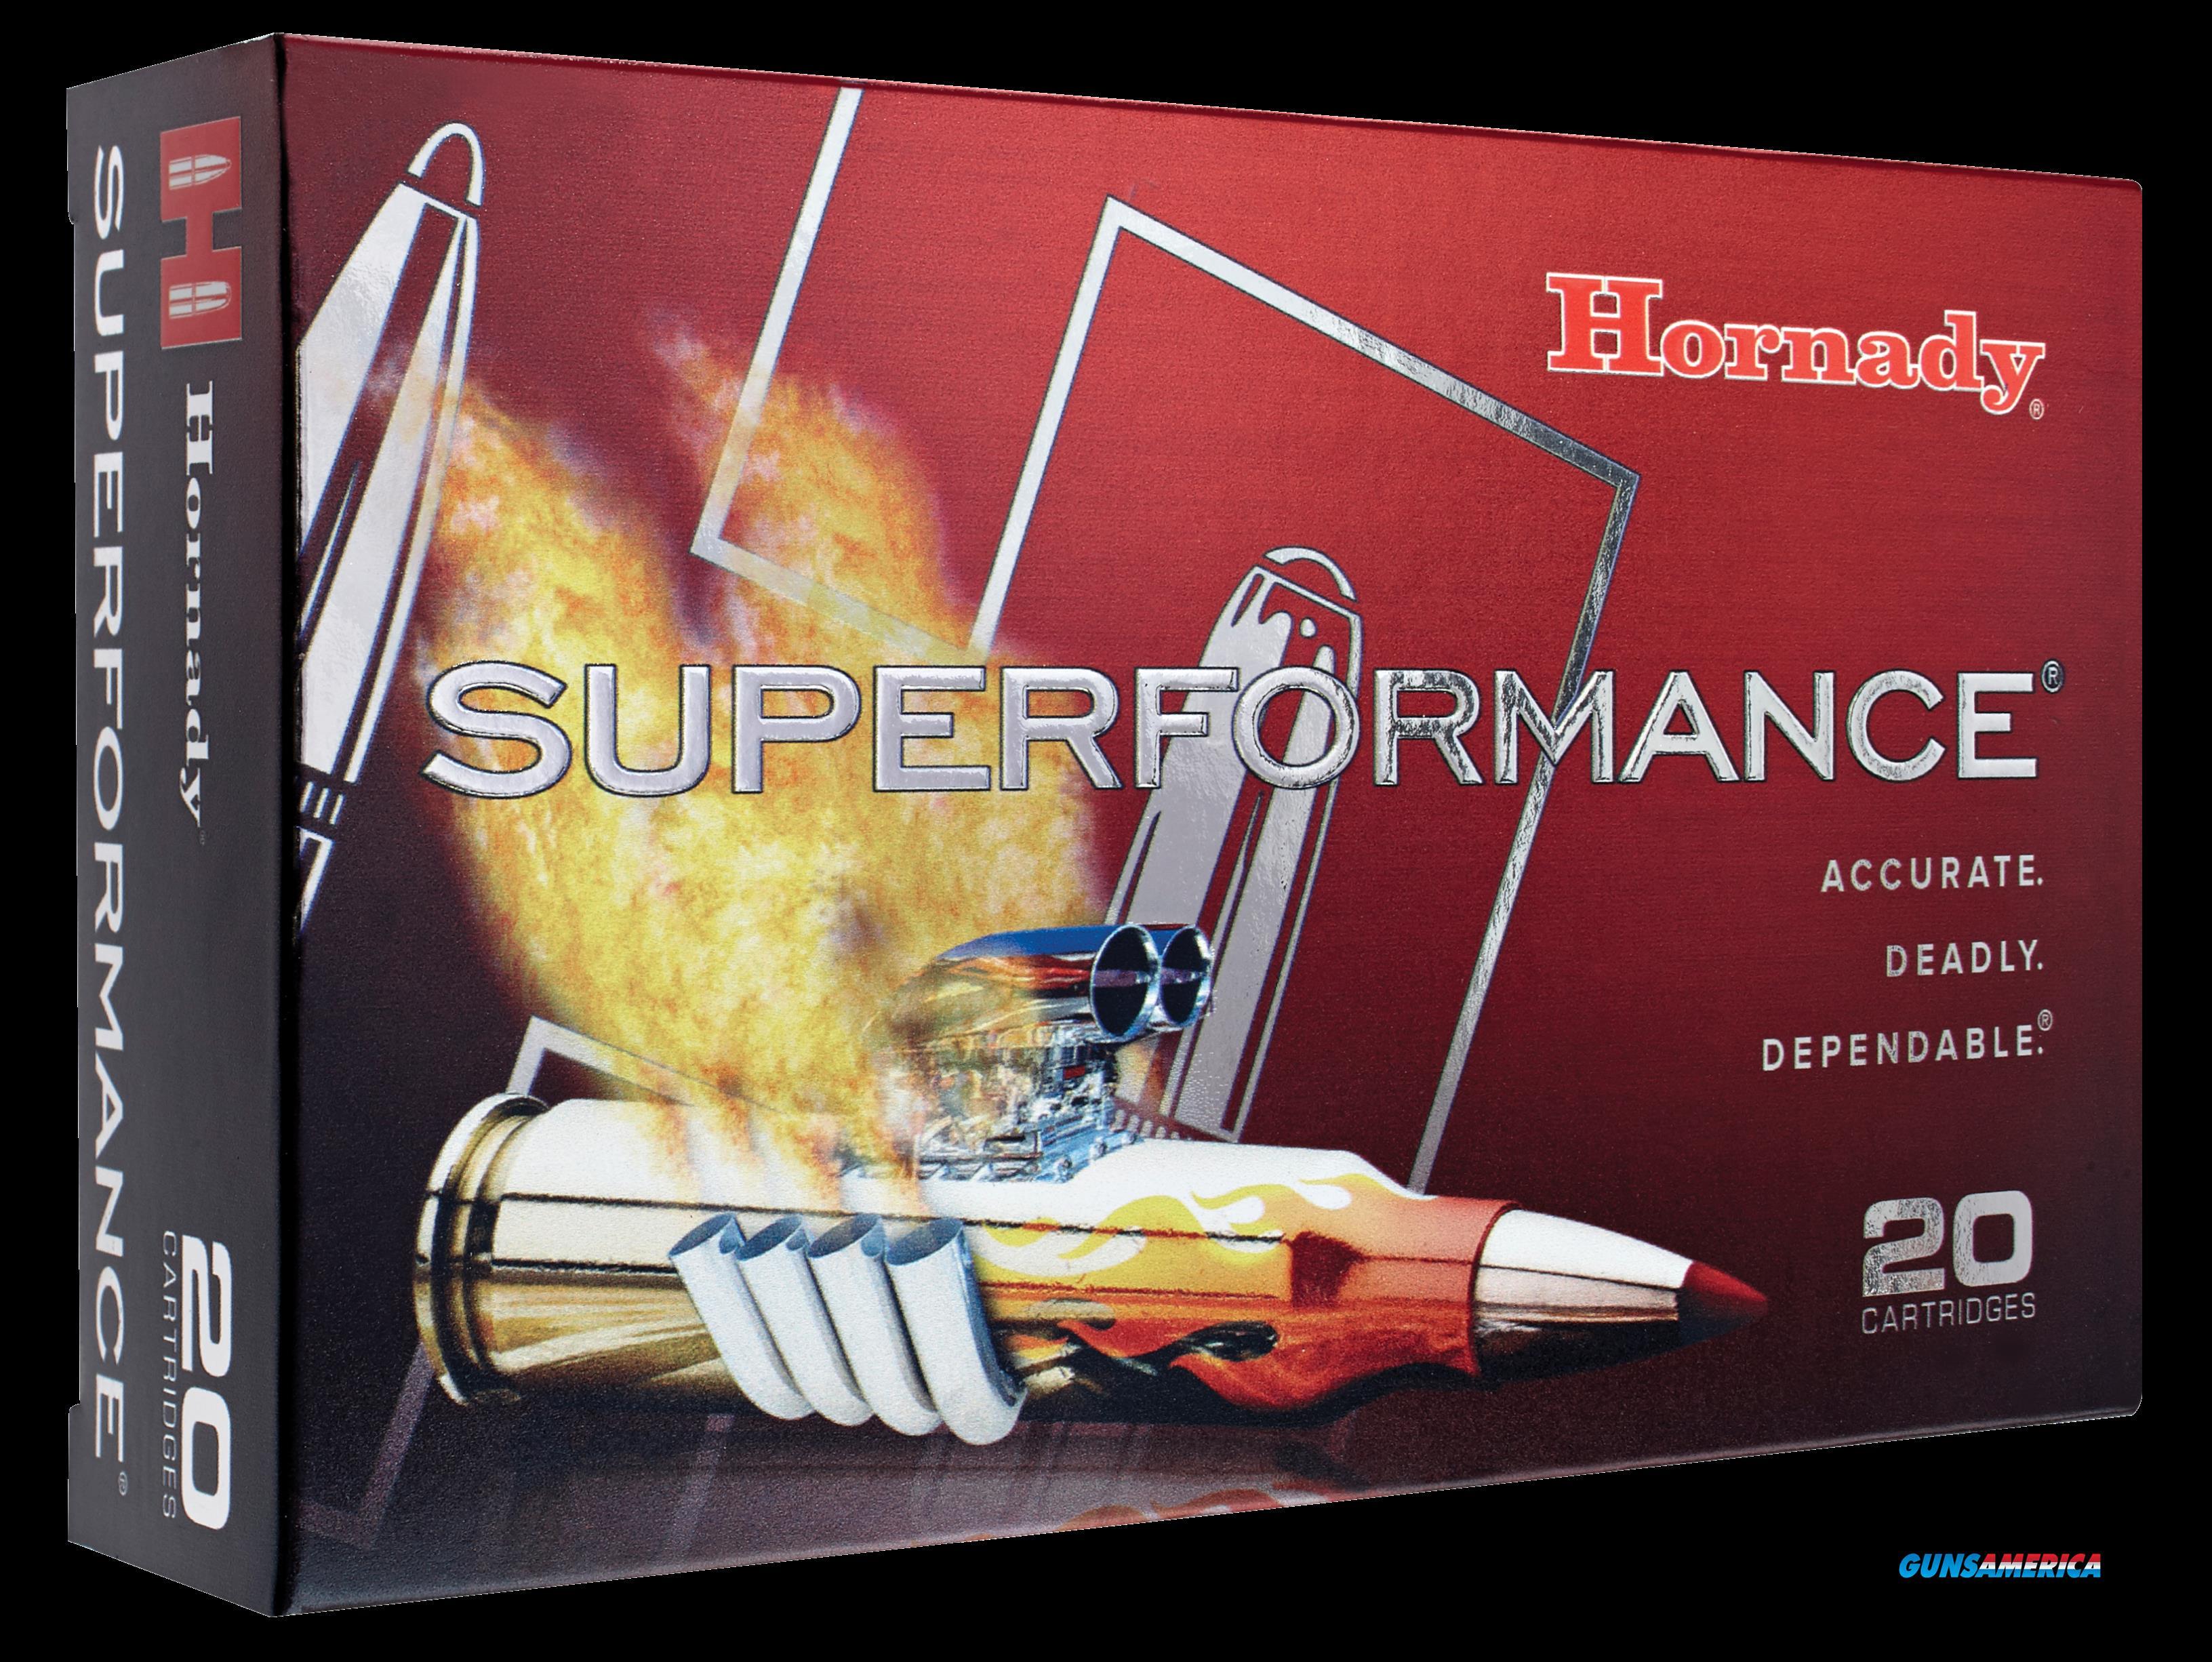 Hornady Superformance, Horn 81496 6.5crd  129 Sst   Sf  20-10  Guns > Pistols > 1911 Pistol Copies (non-Colt)